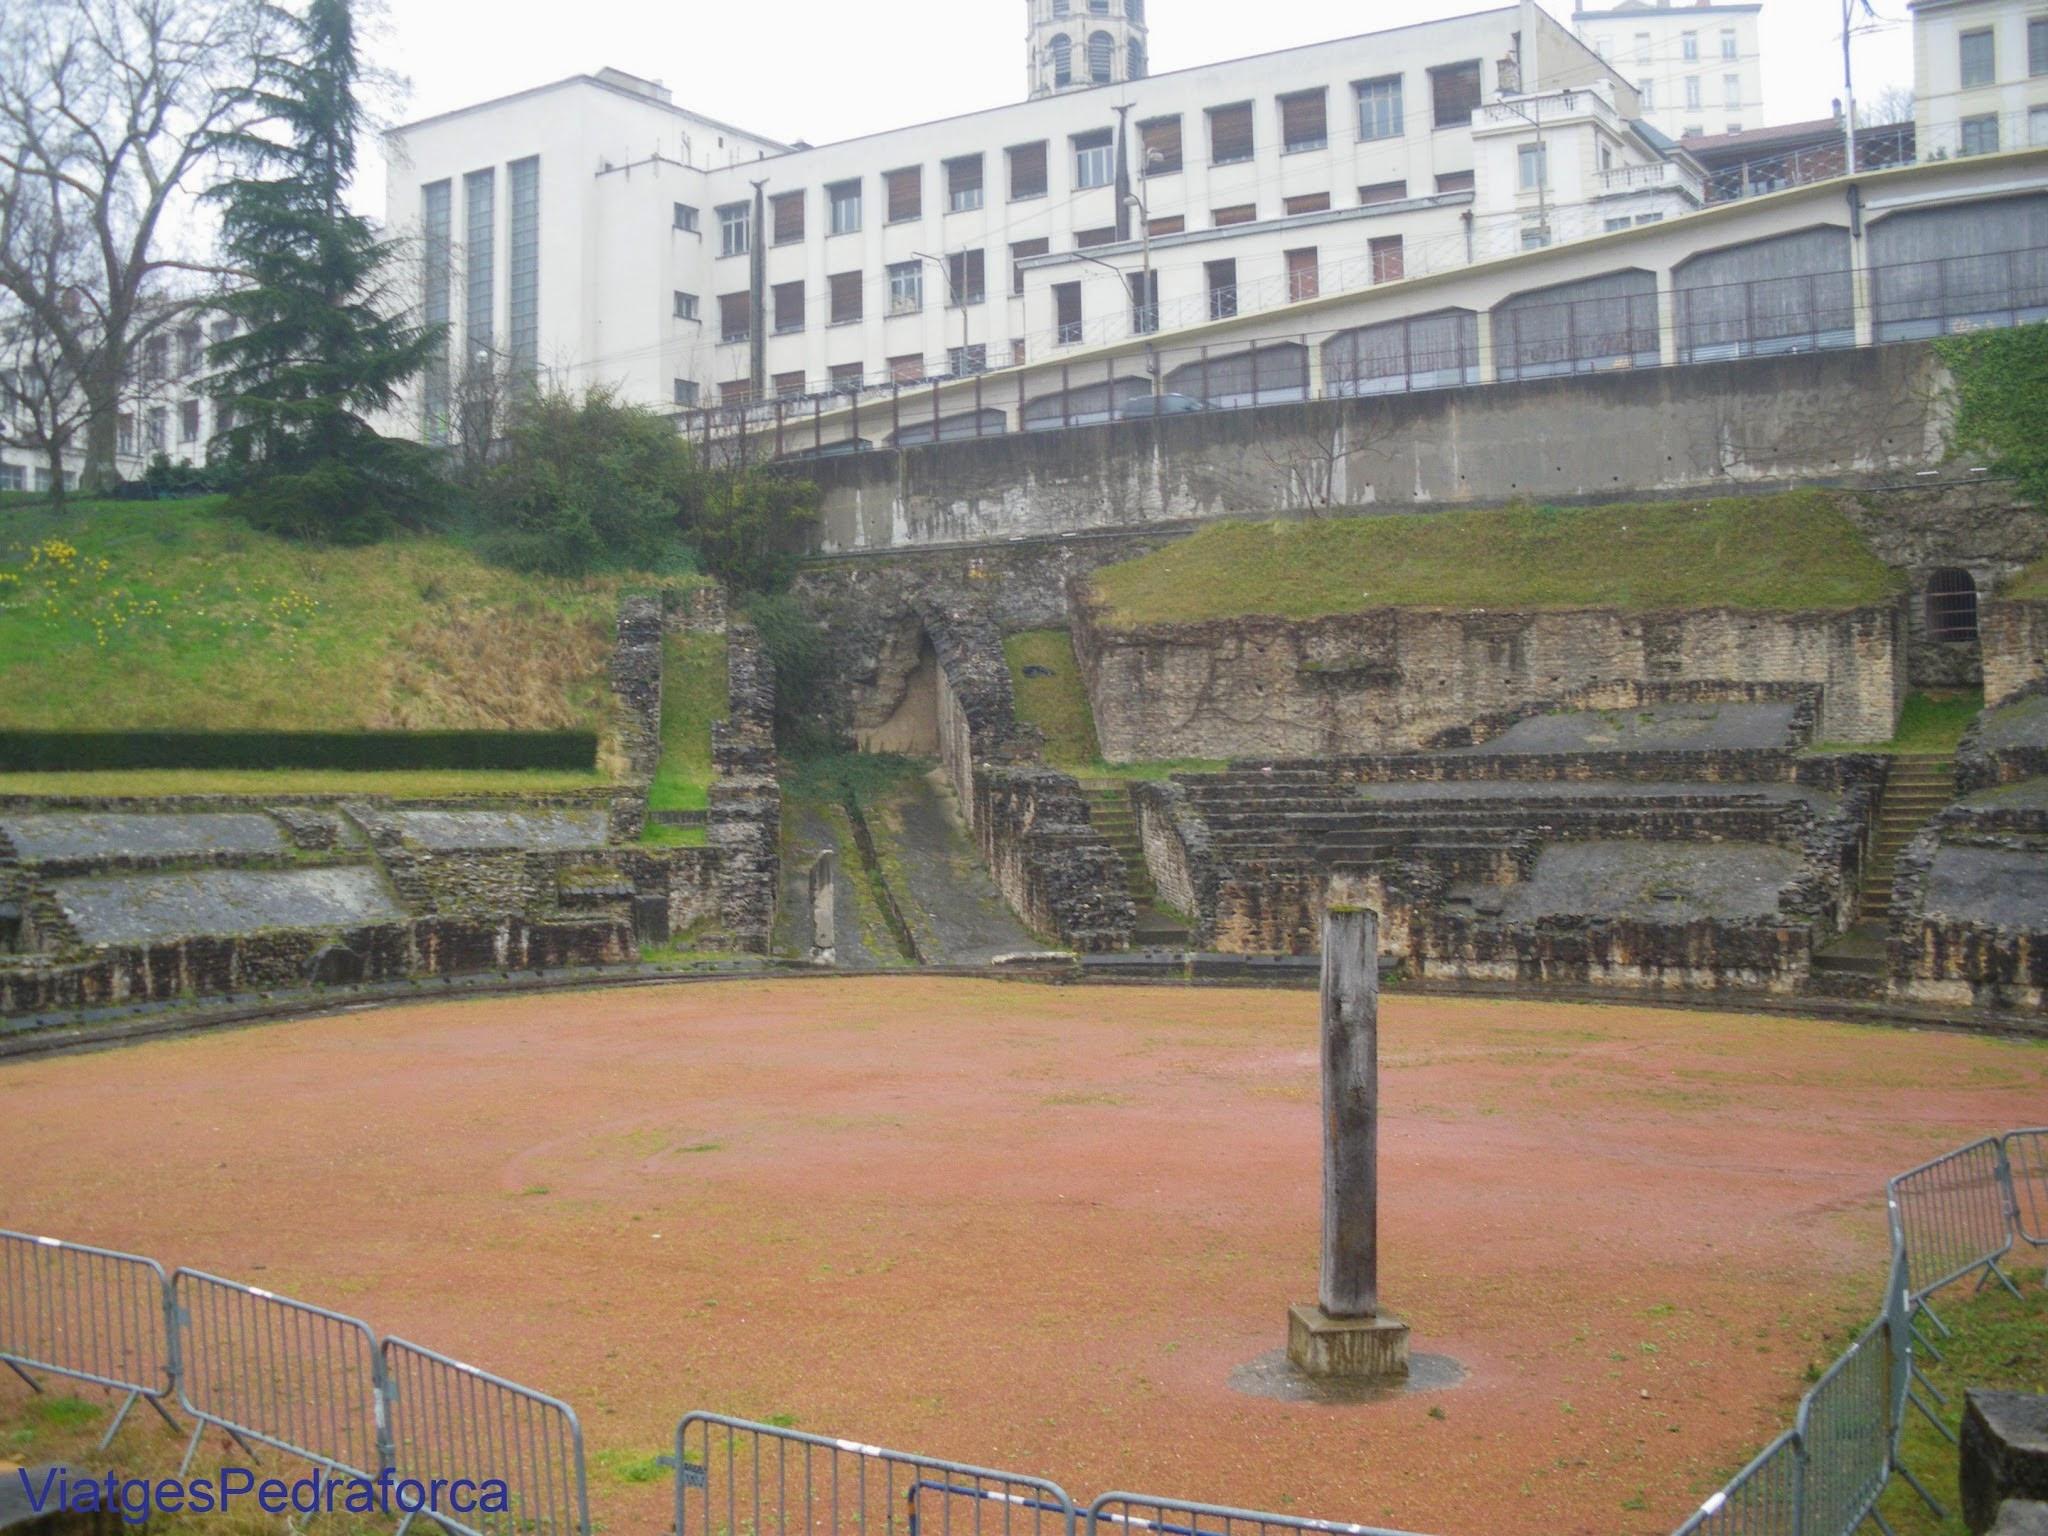 Amphitheatre des Trois Gaules, Croix-Rousse, Lyon, Lió, Rhône, Rhône-Alpes, França, France